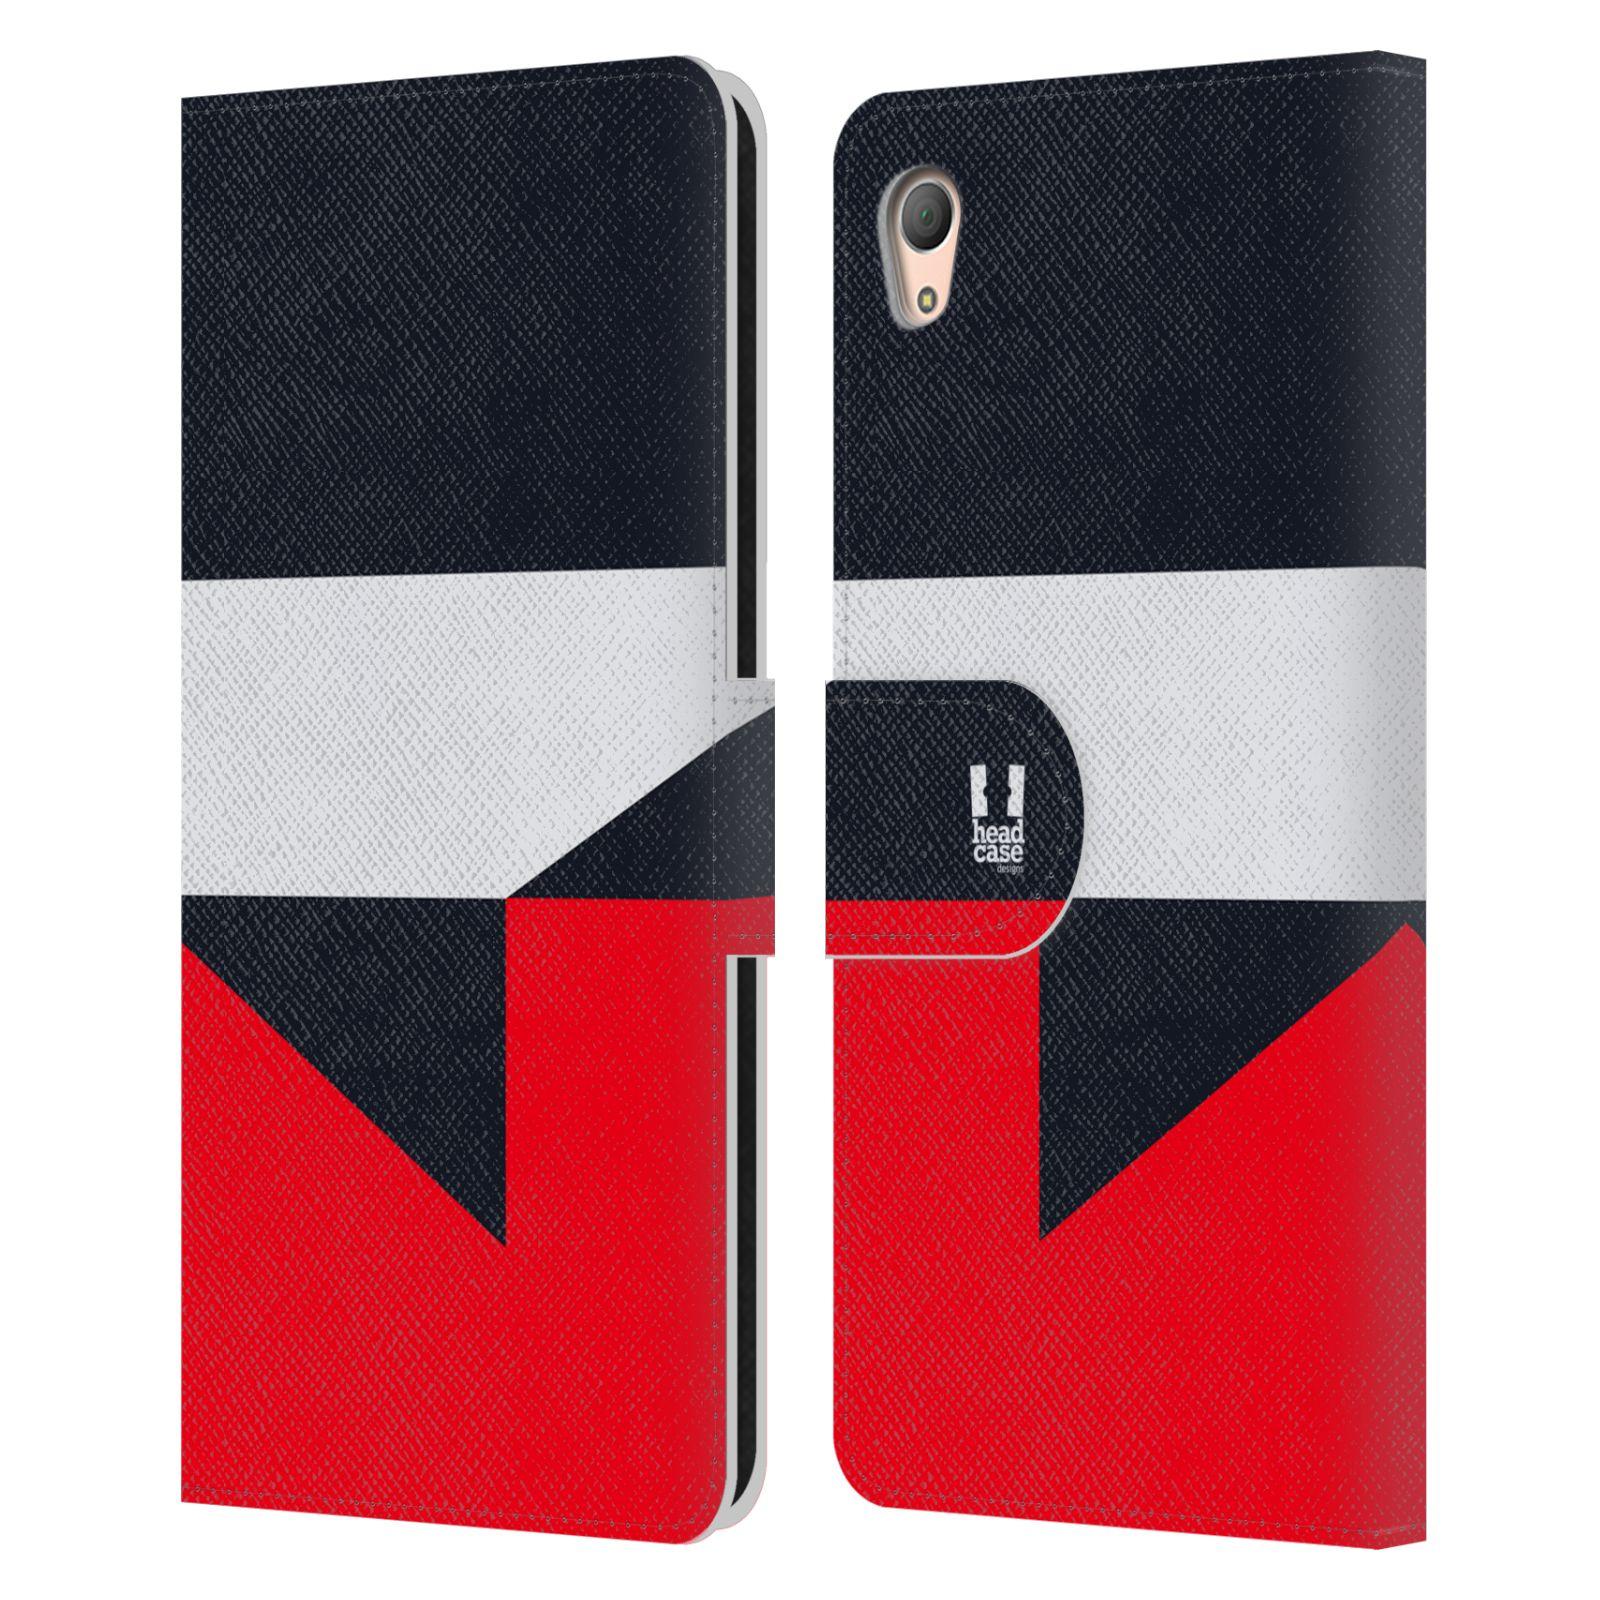 HEAD CASE Flipové pouzdro pro mobil SONY XPERIA Z3+(Z3 PLUS) barevné tvary černá a červená gejša